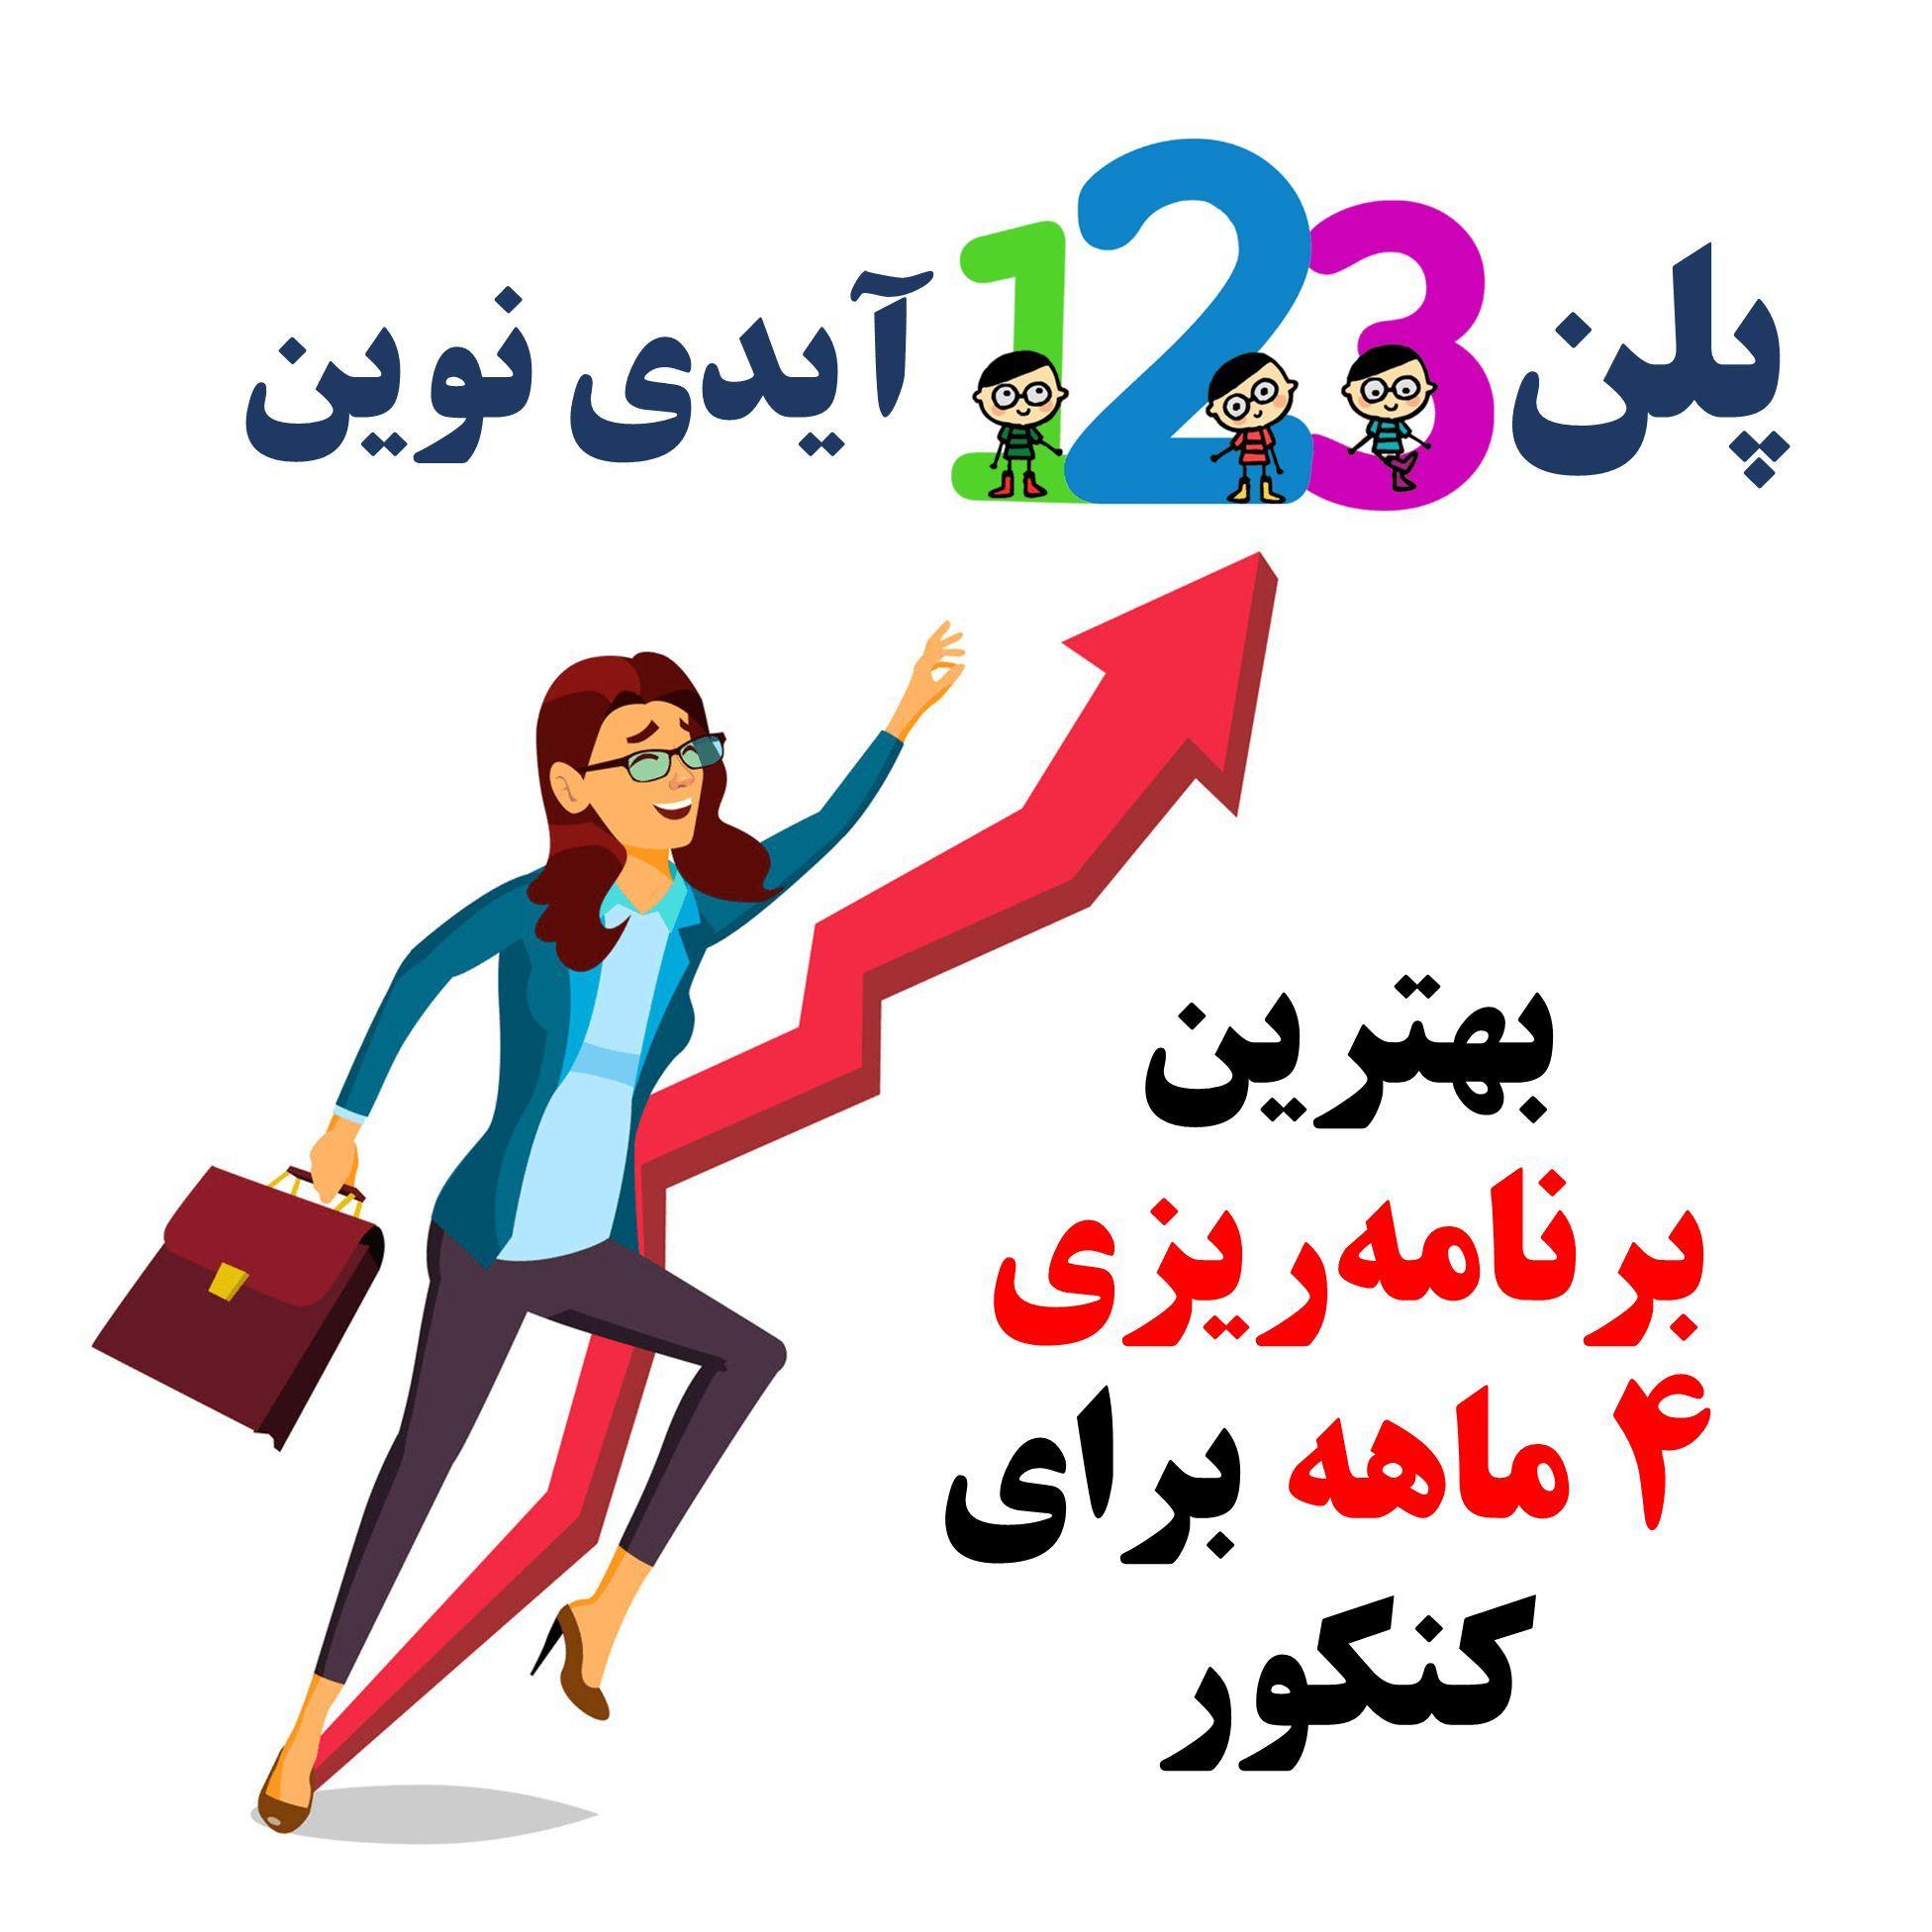 پلن 123 آیدی نوین برای برنامه 4 ماهه